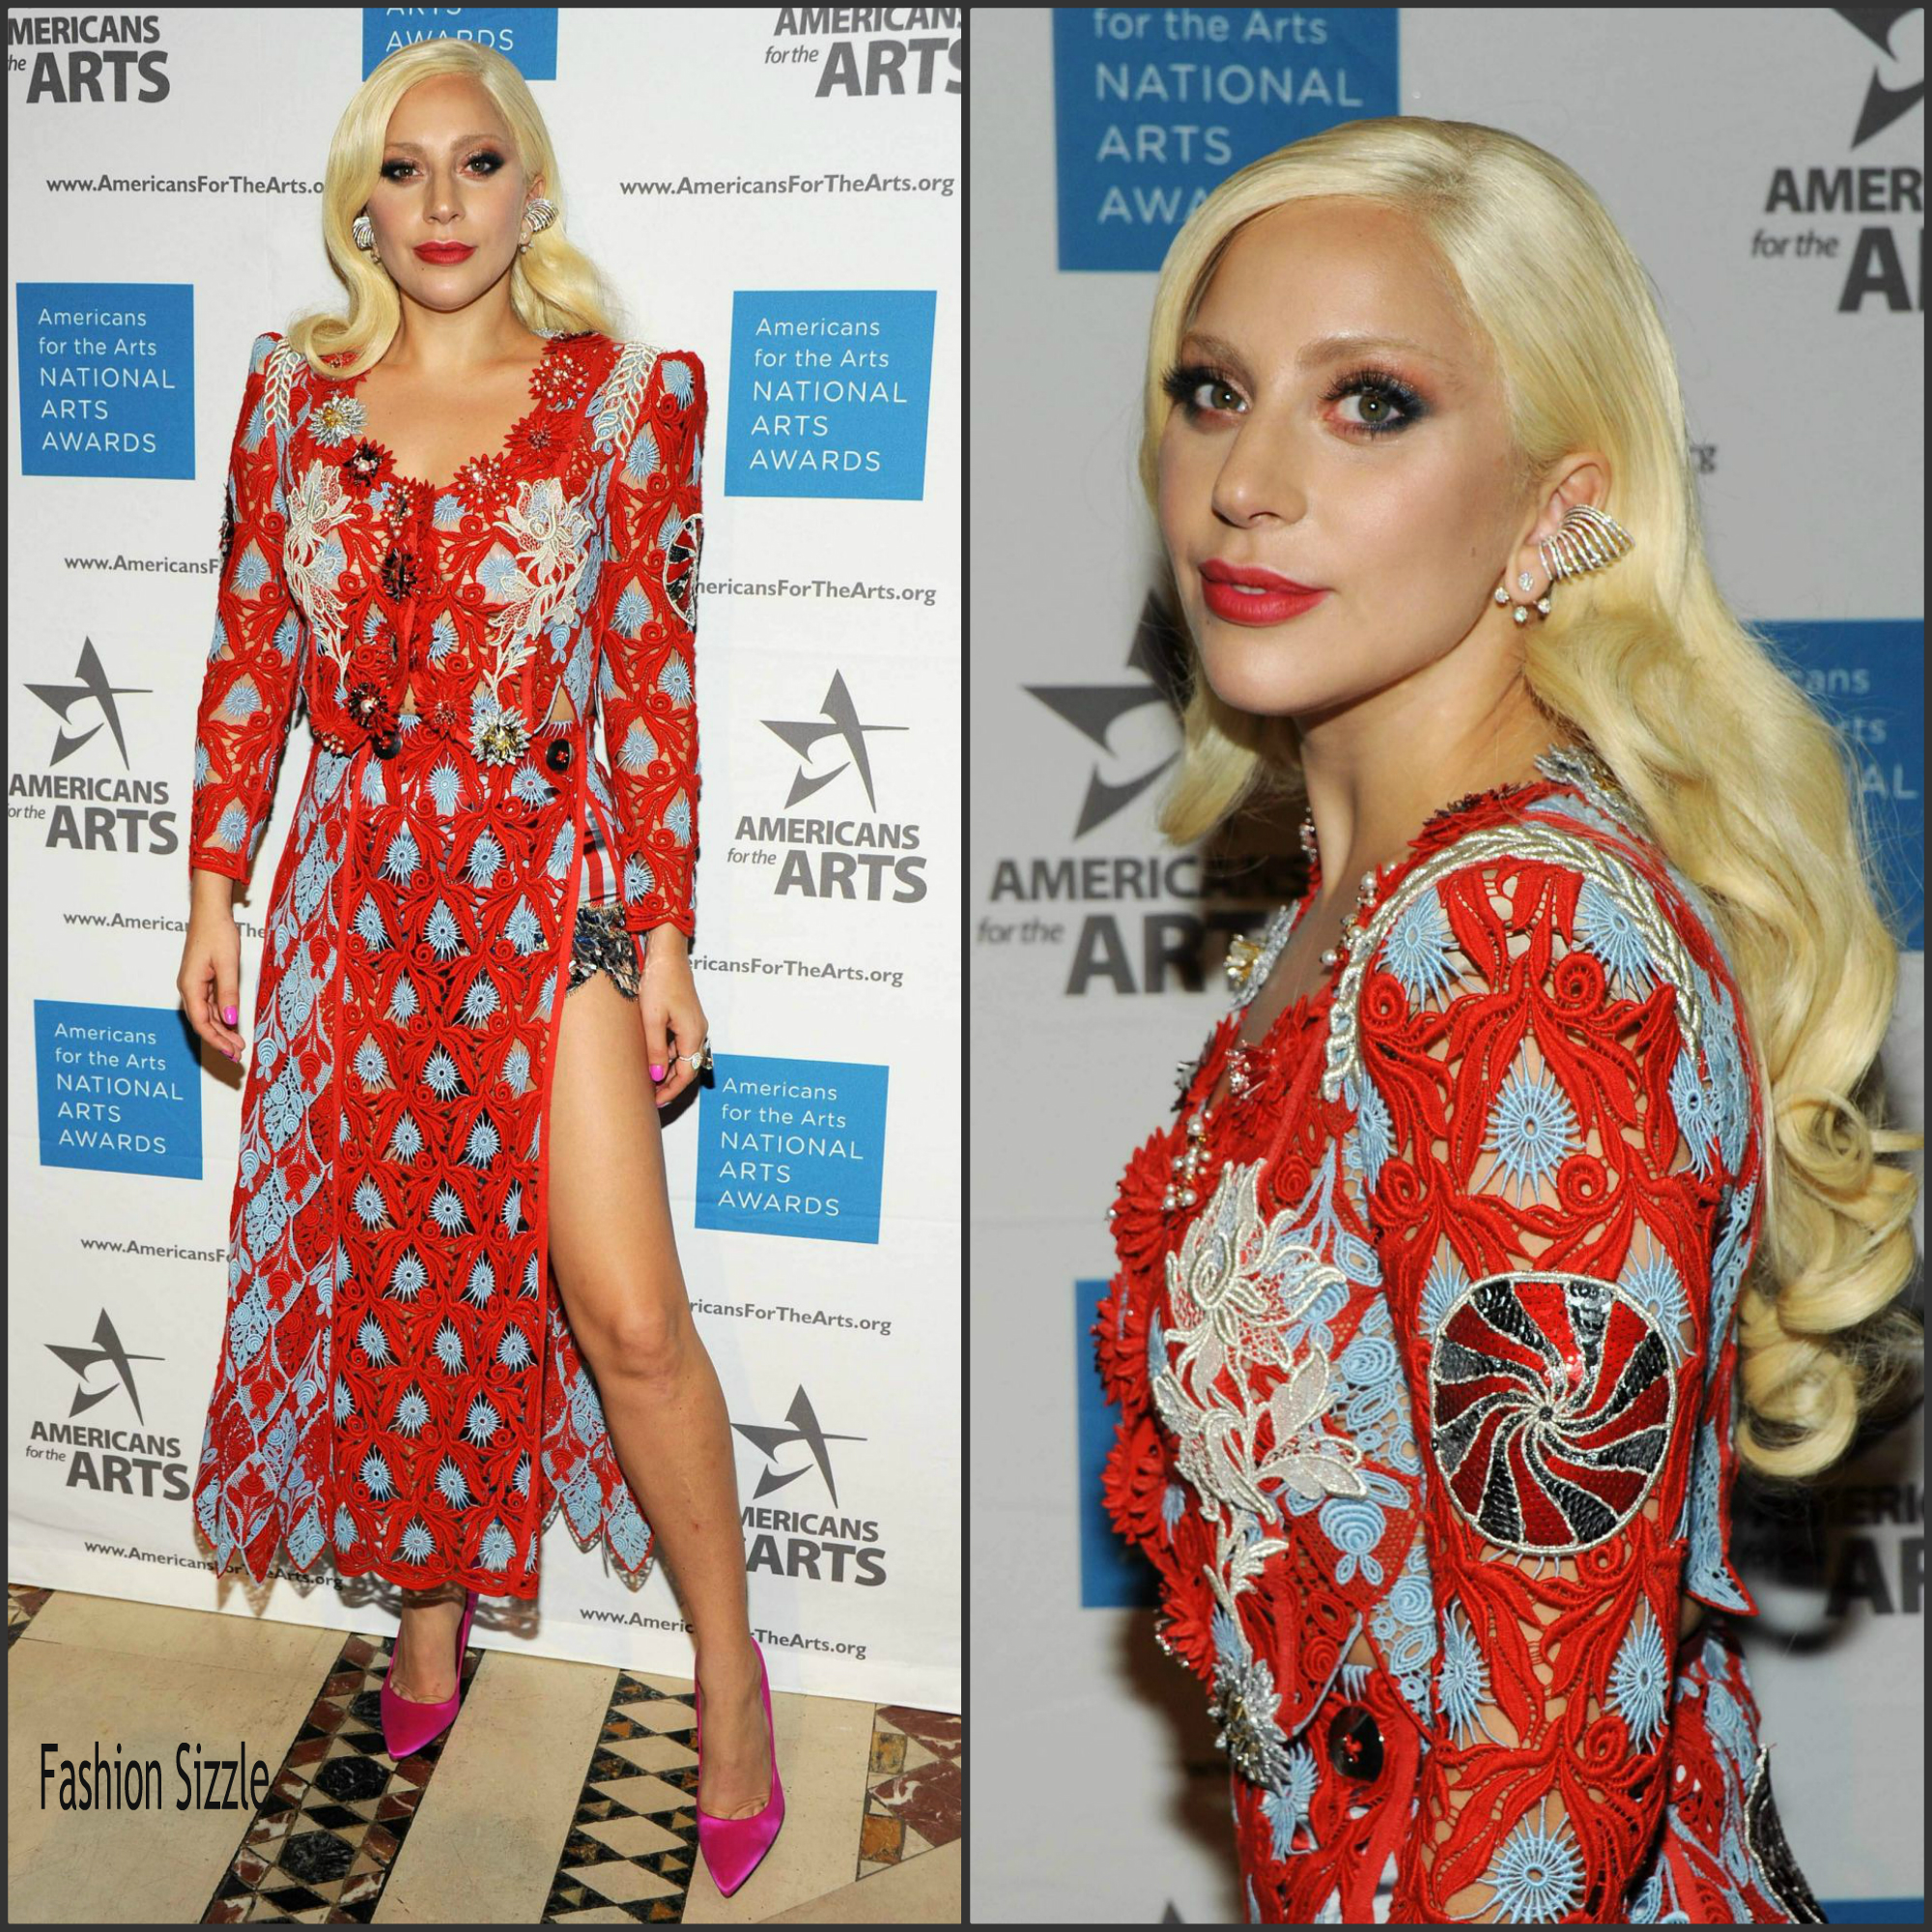 lady-gaga-2015-national-arts-awards